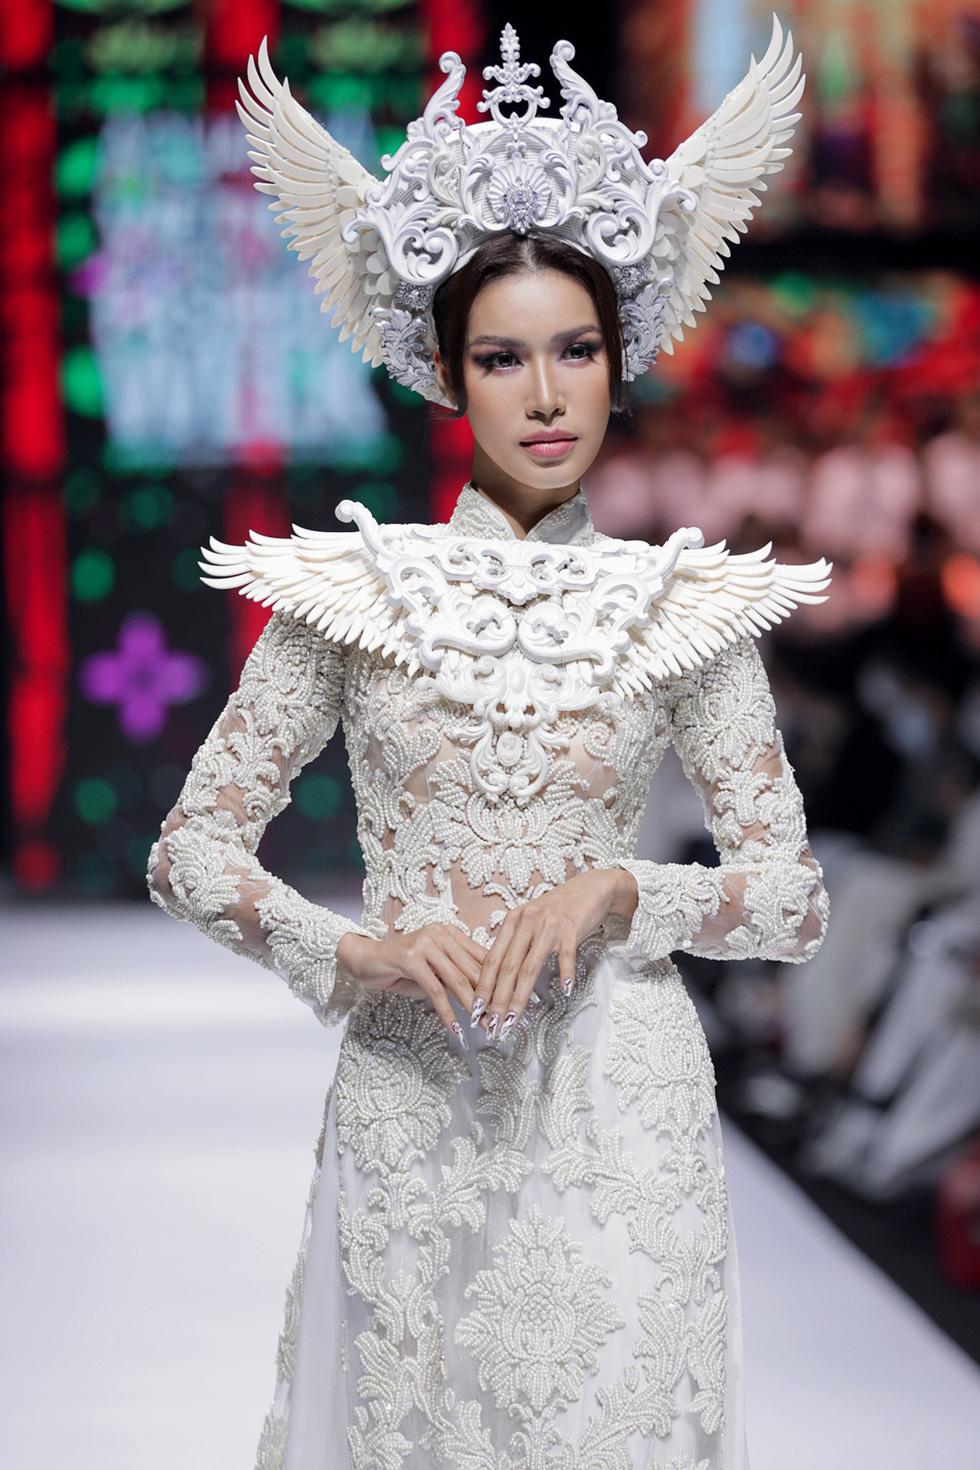 Hoa hậu Khánh Vân làm vedette, NSND Hồng Vân làm người mẫu catwalk cho nhà thiết kế Minh Châu - Ảnh 2.